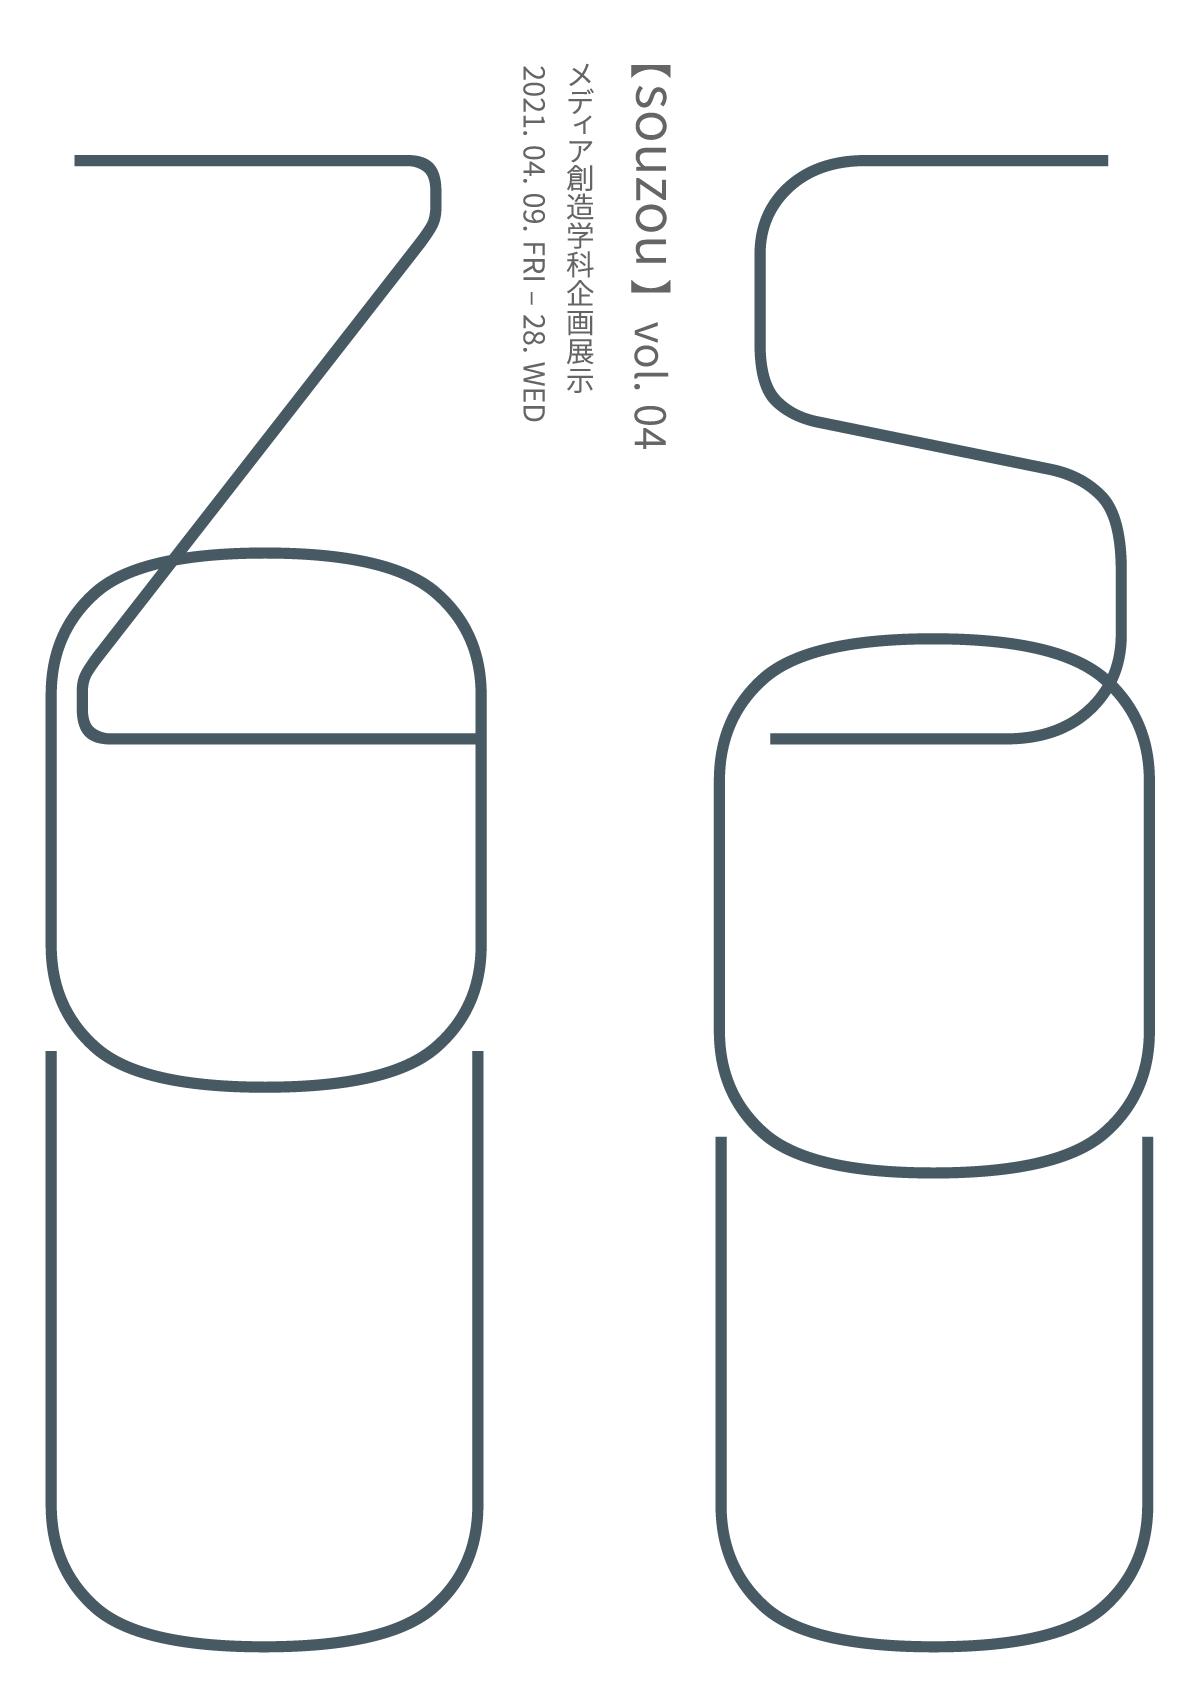 【souzou】メディア創造学科企画展 vol.04